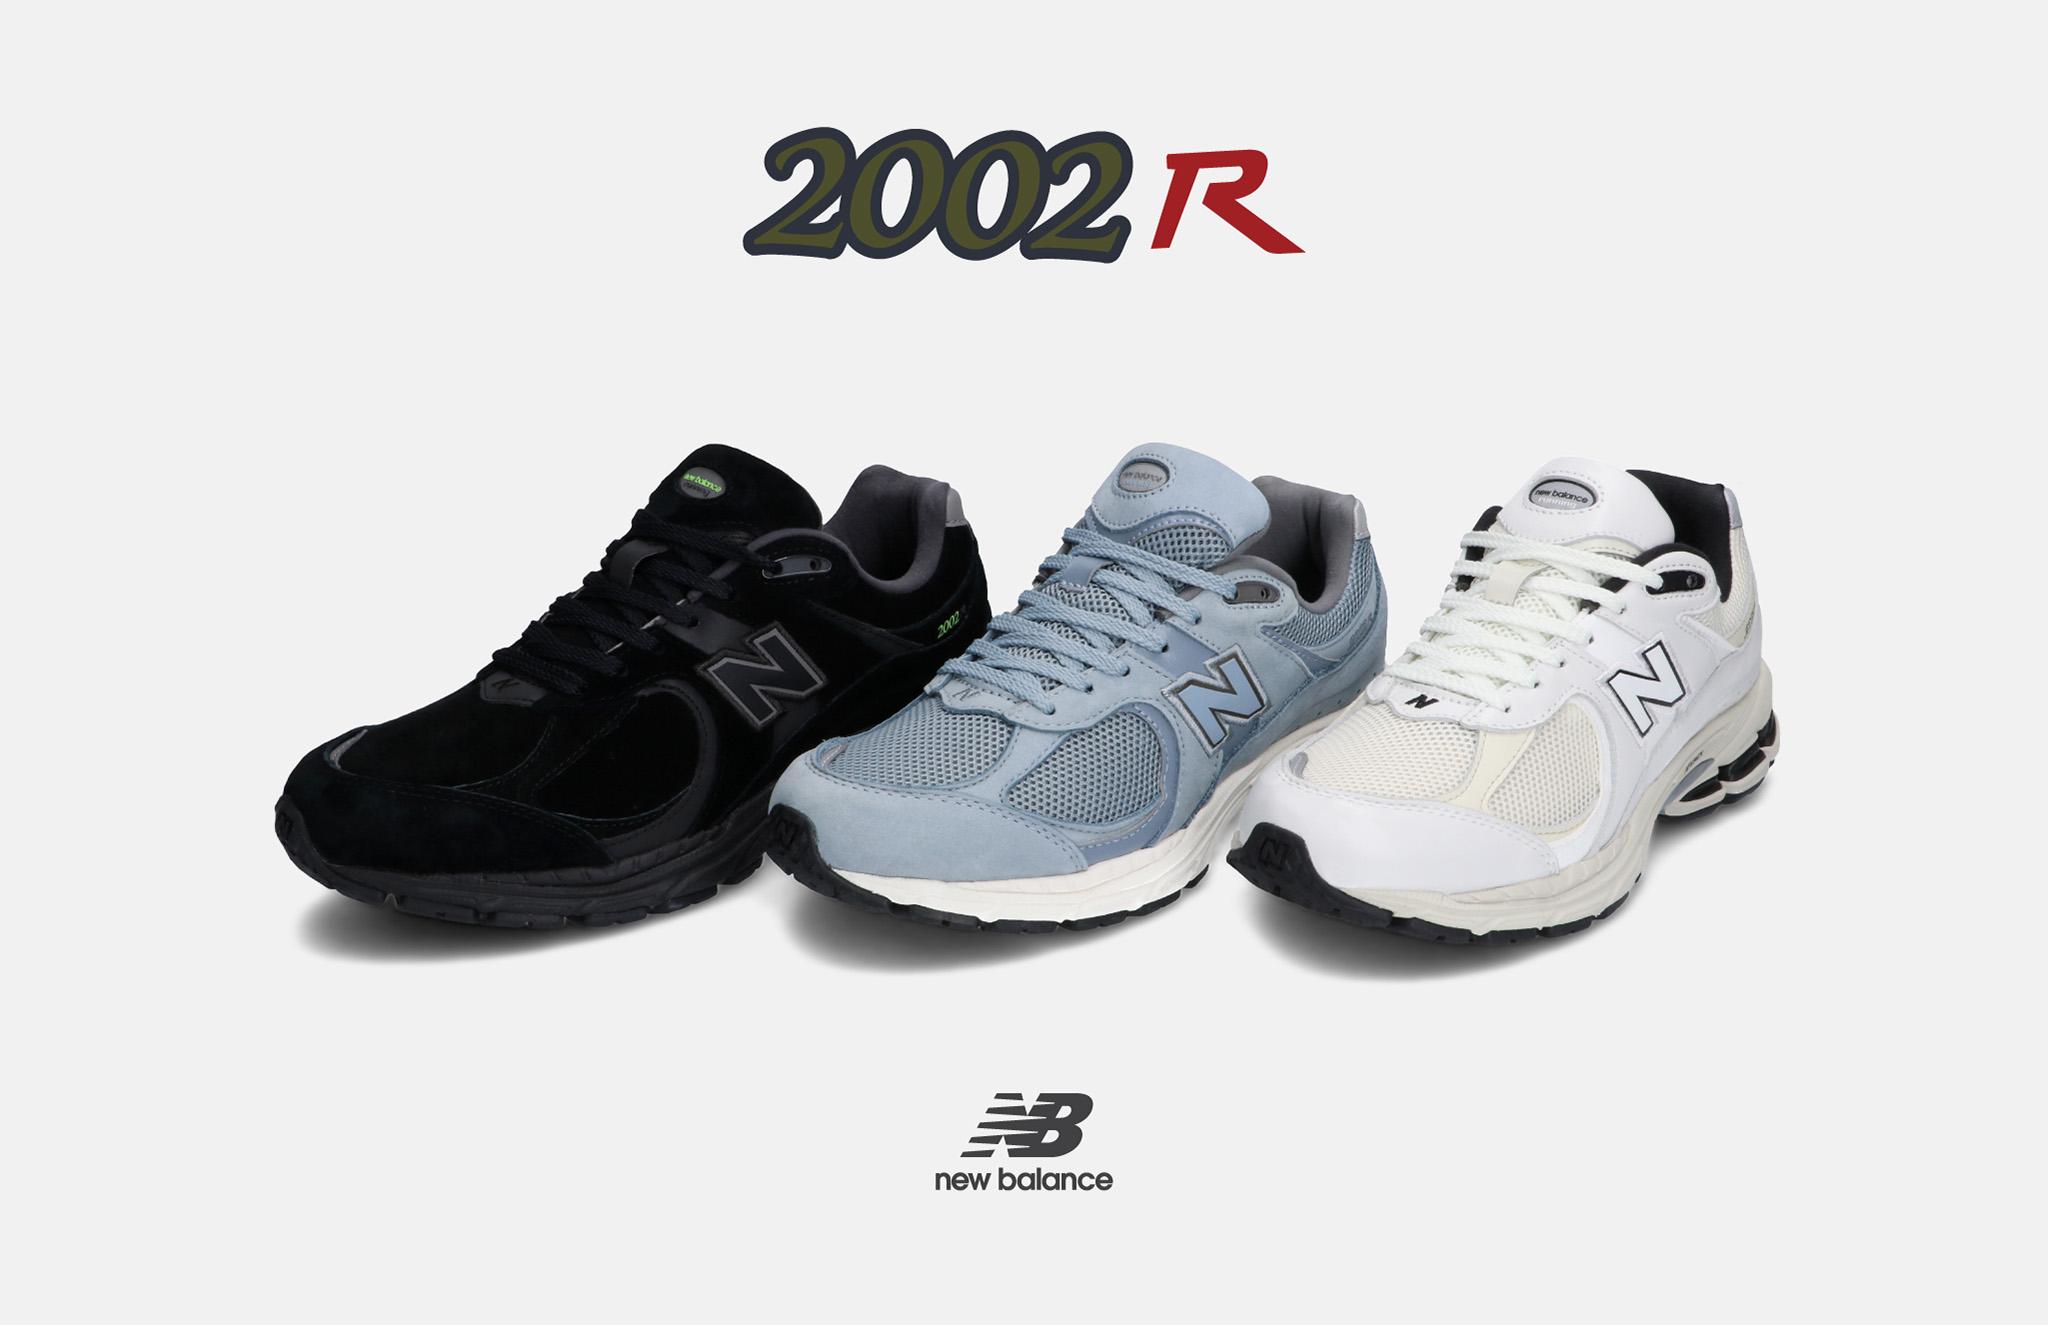 ニューバランス 「2002R」にアーバンカラーを纏った3色登場!